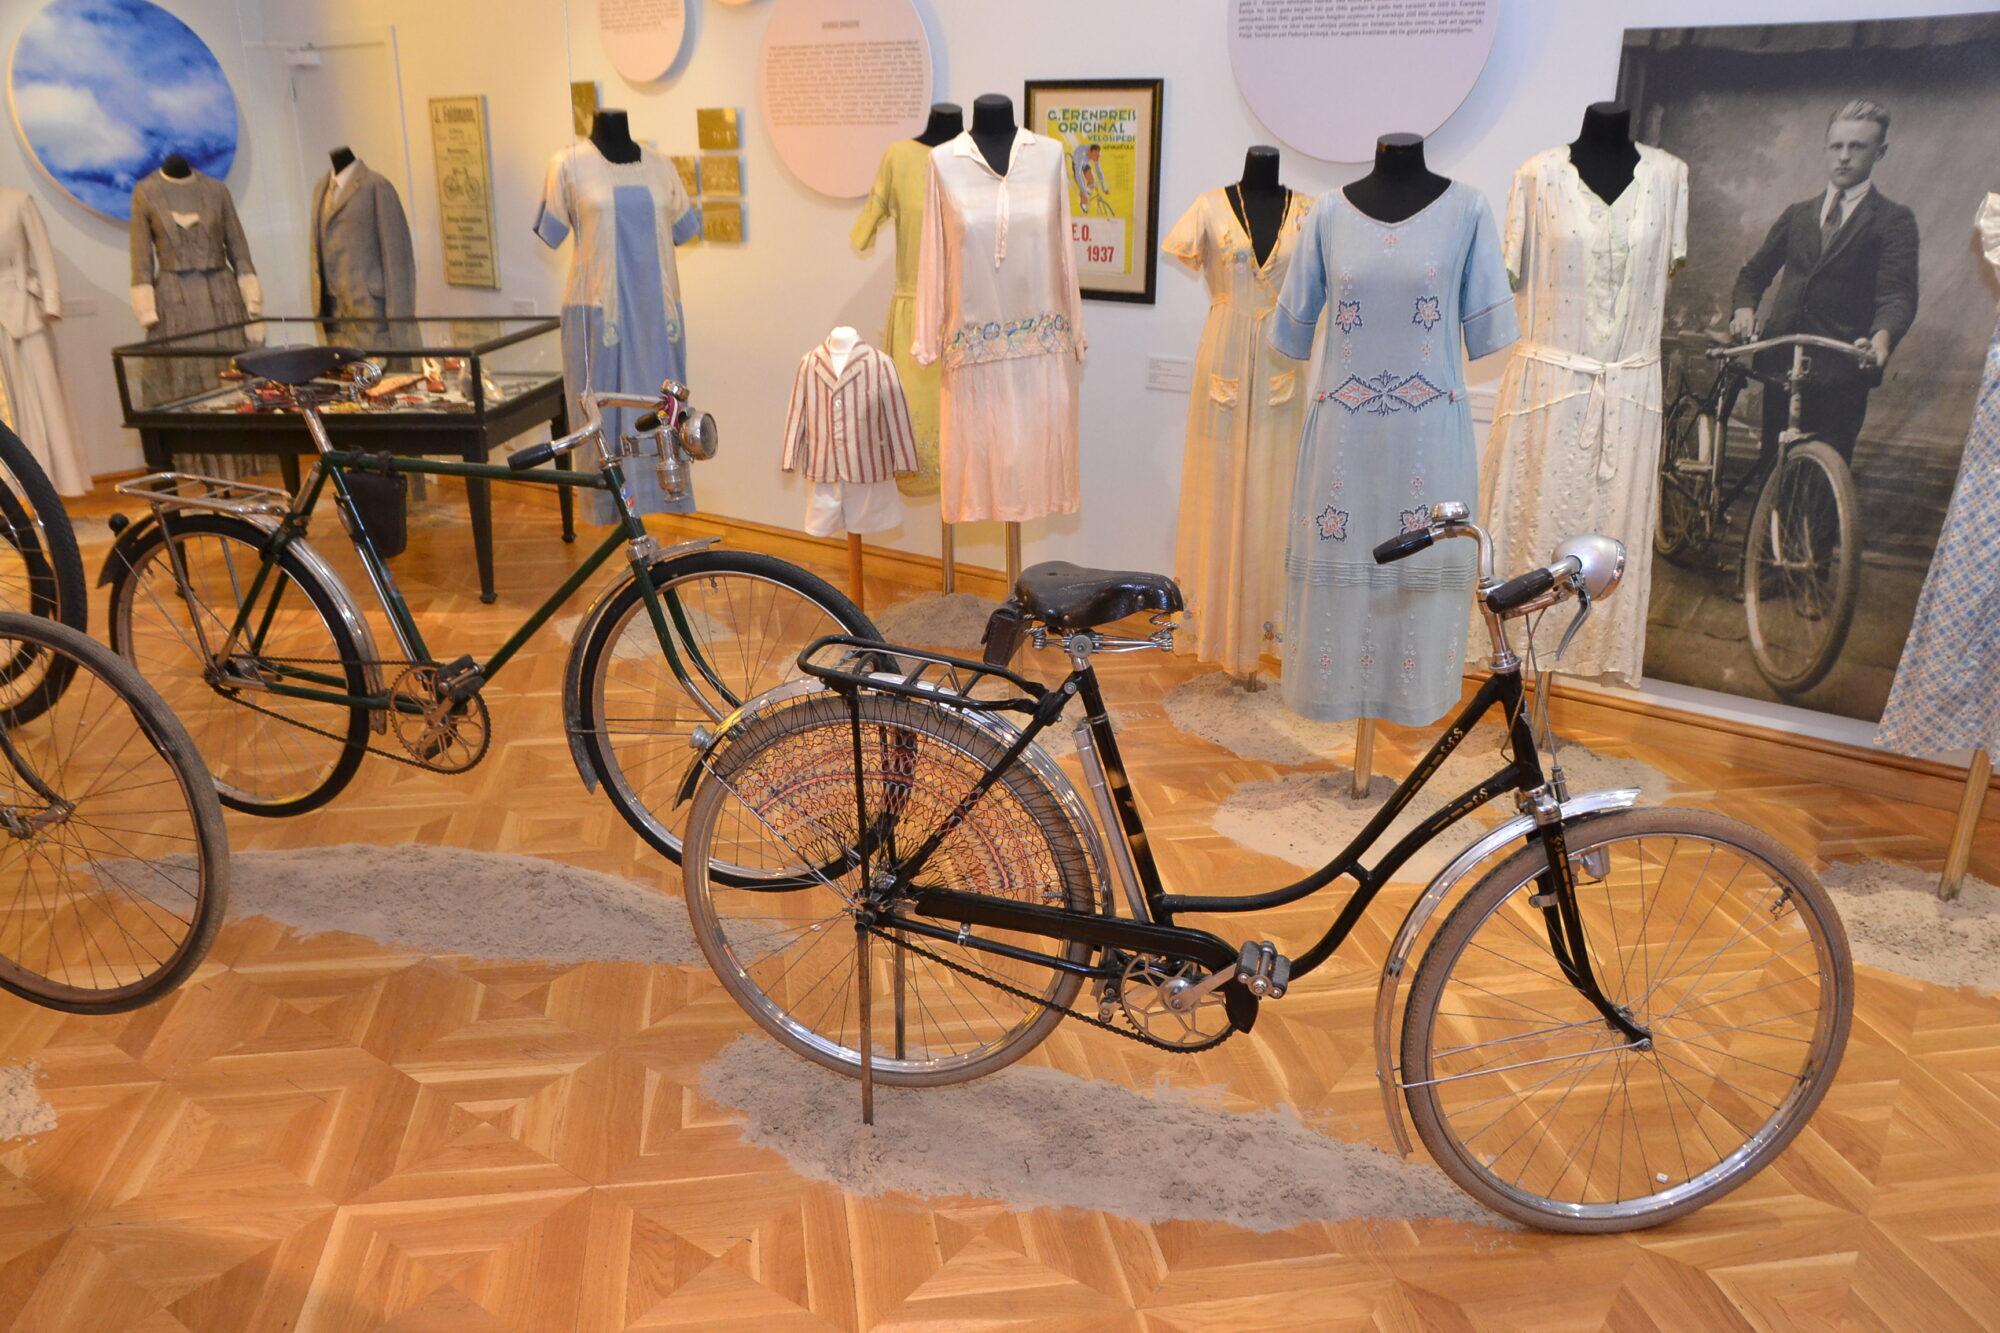 В Лиепайском музее открыли выставку о веломоде